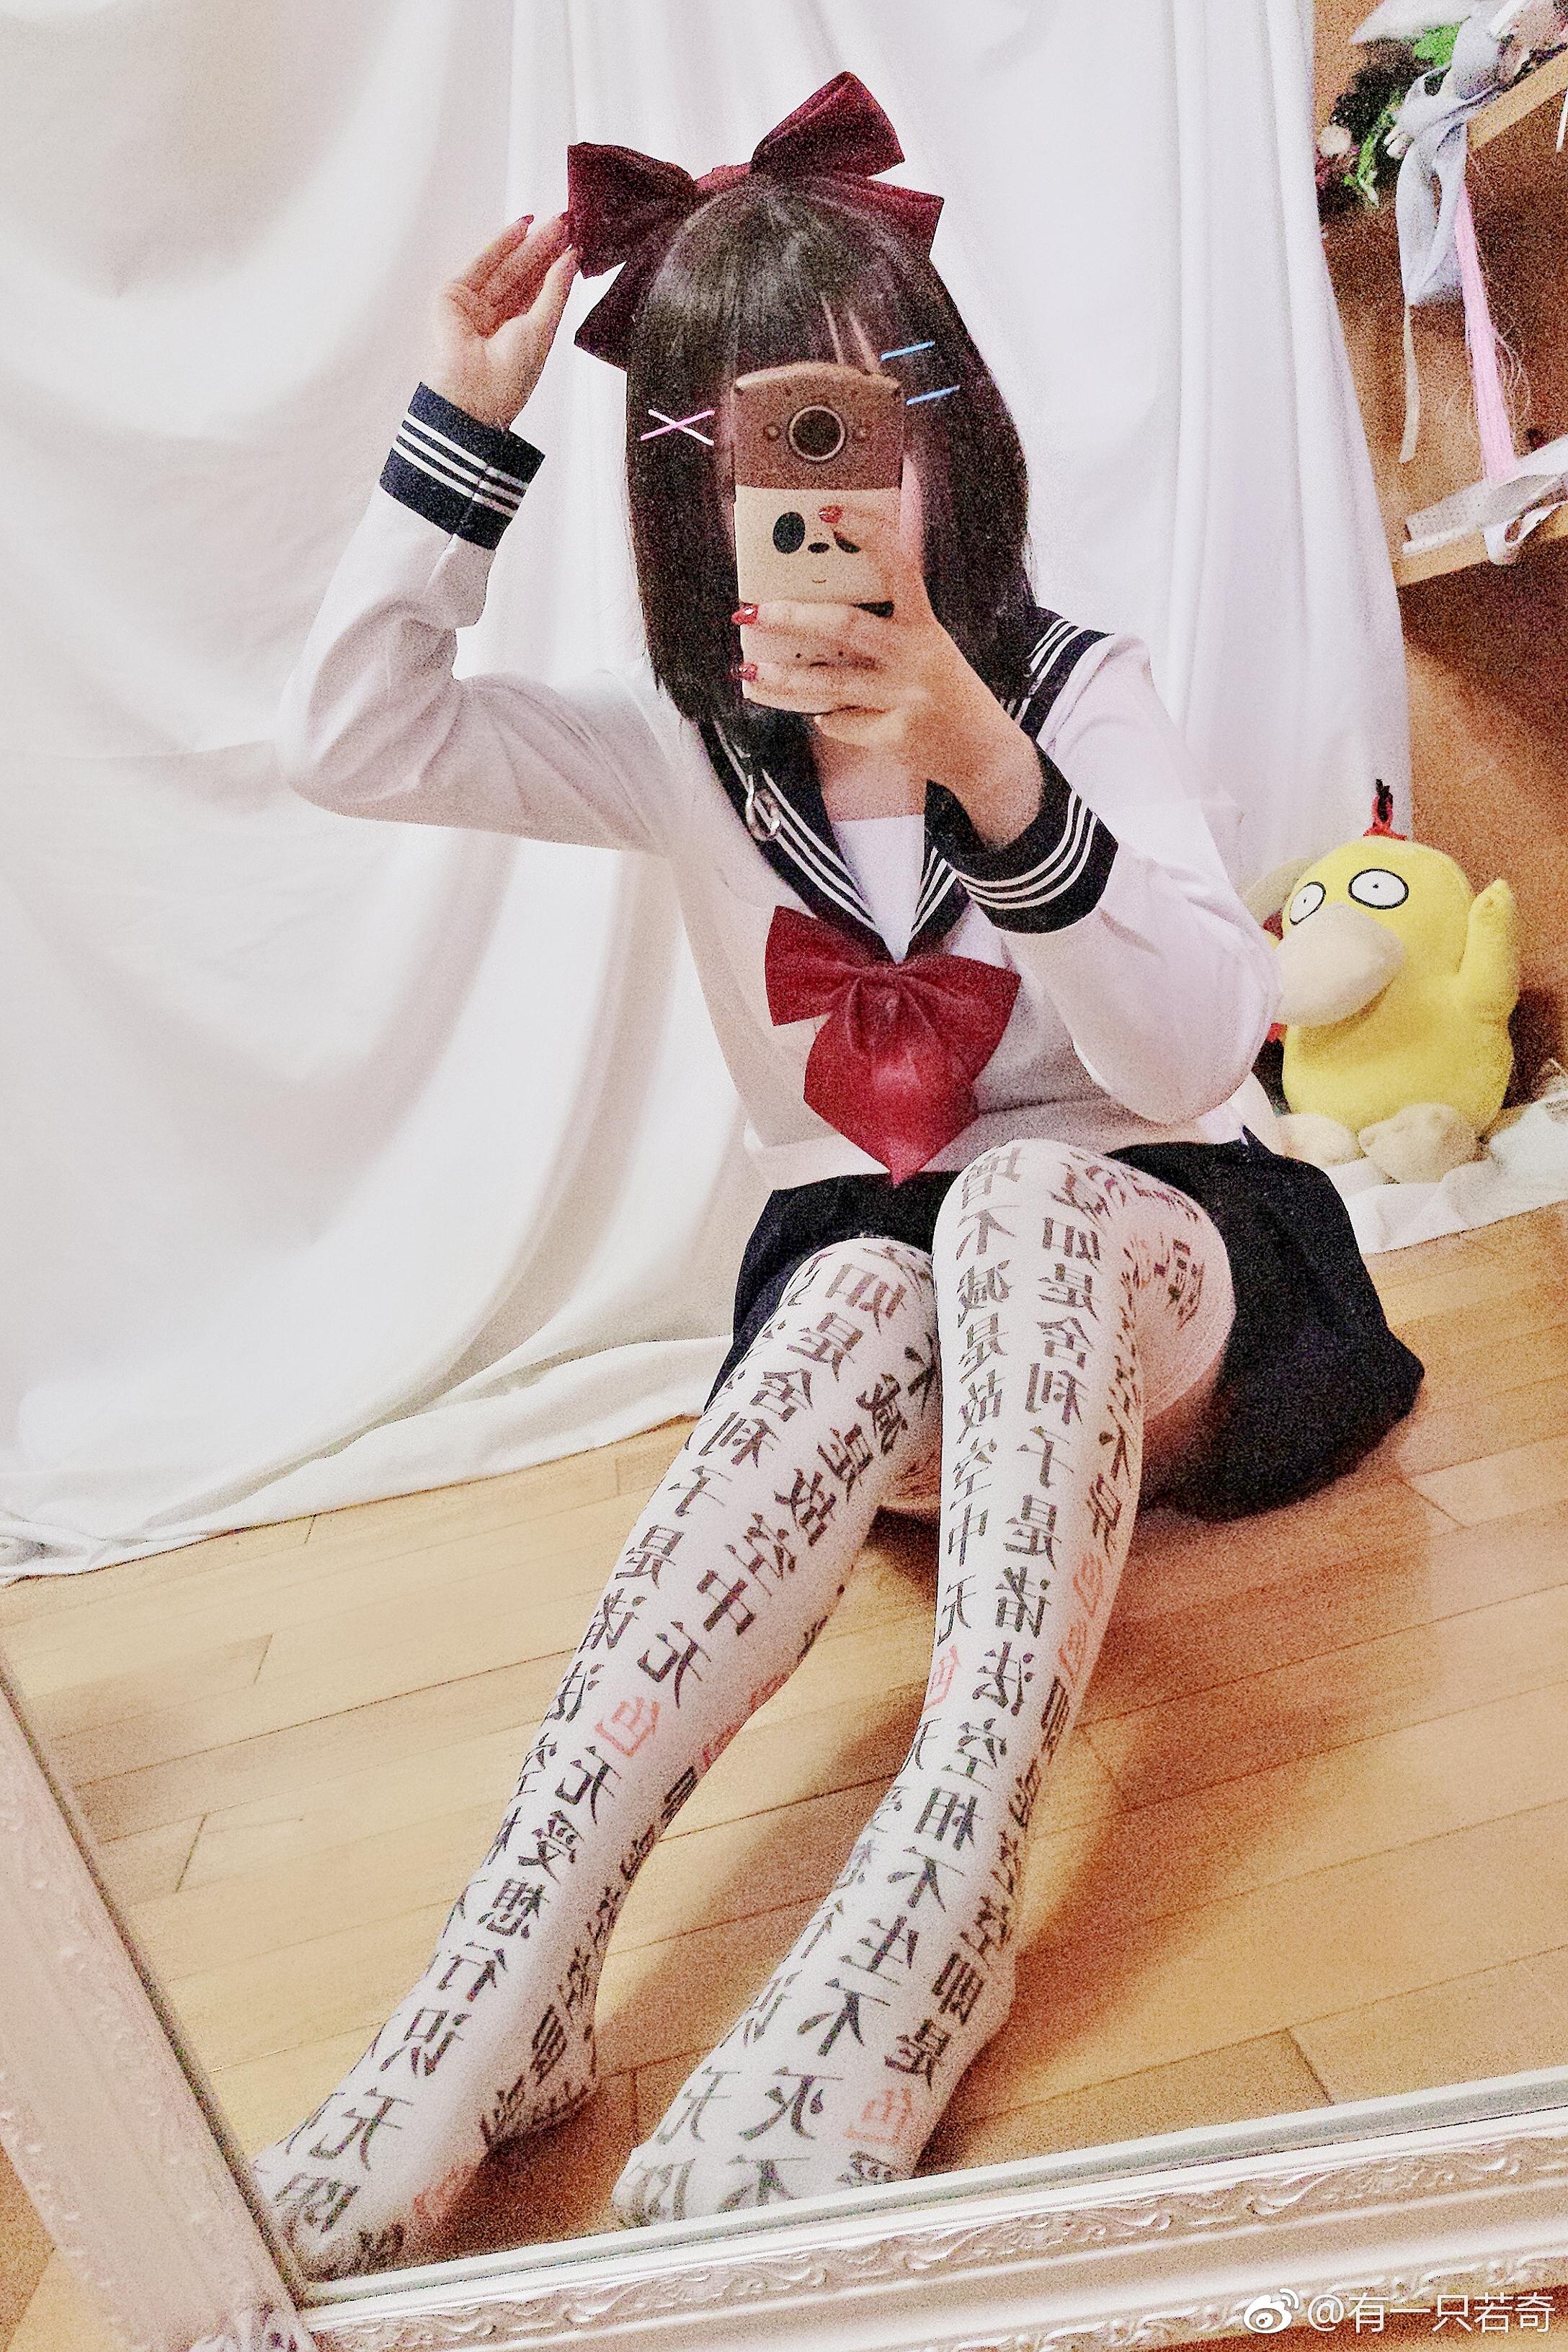 来看萌妹子的骚袜子